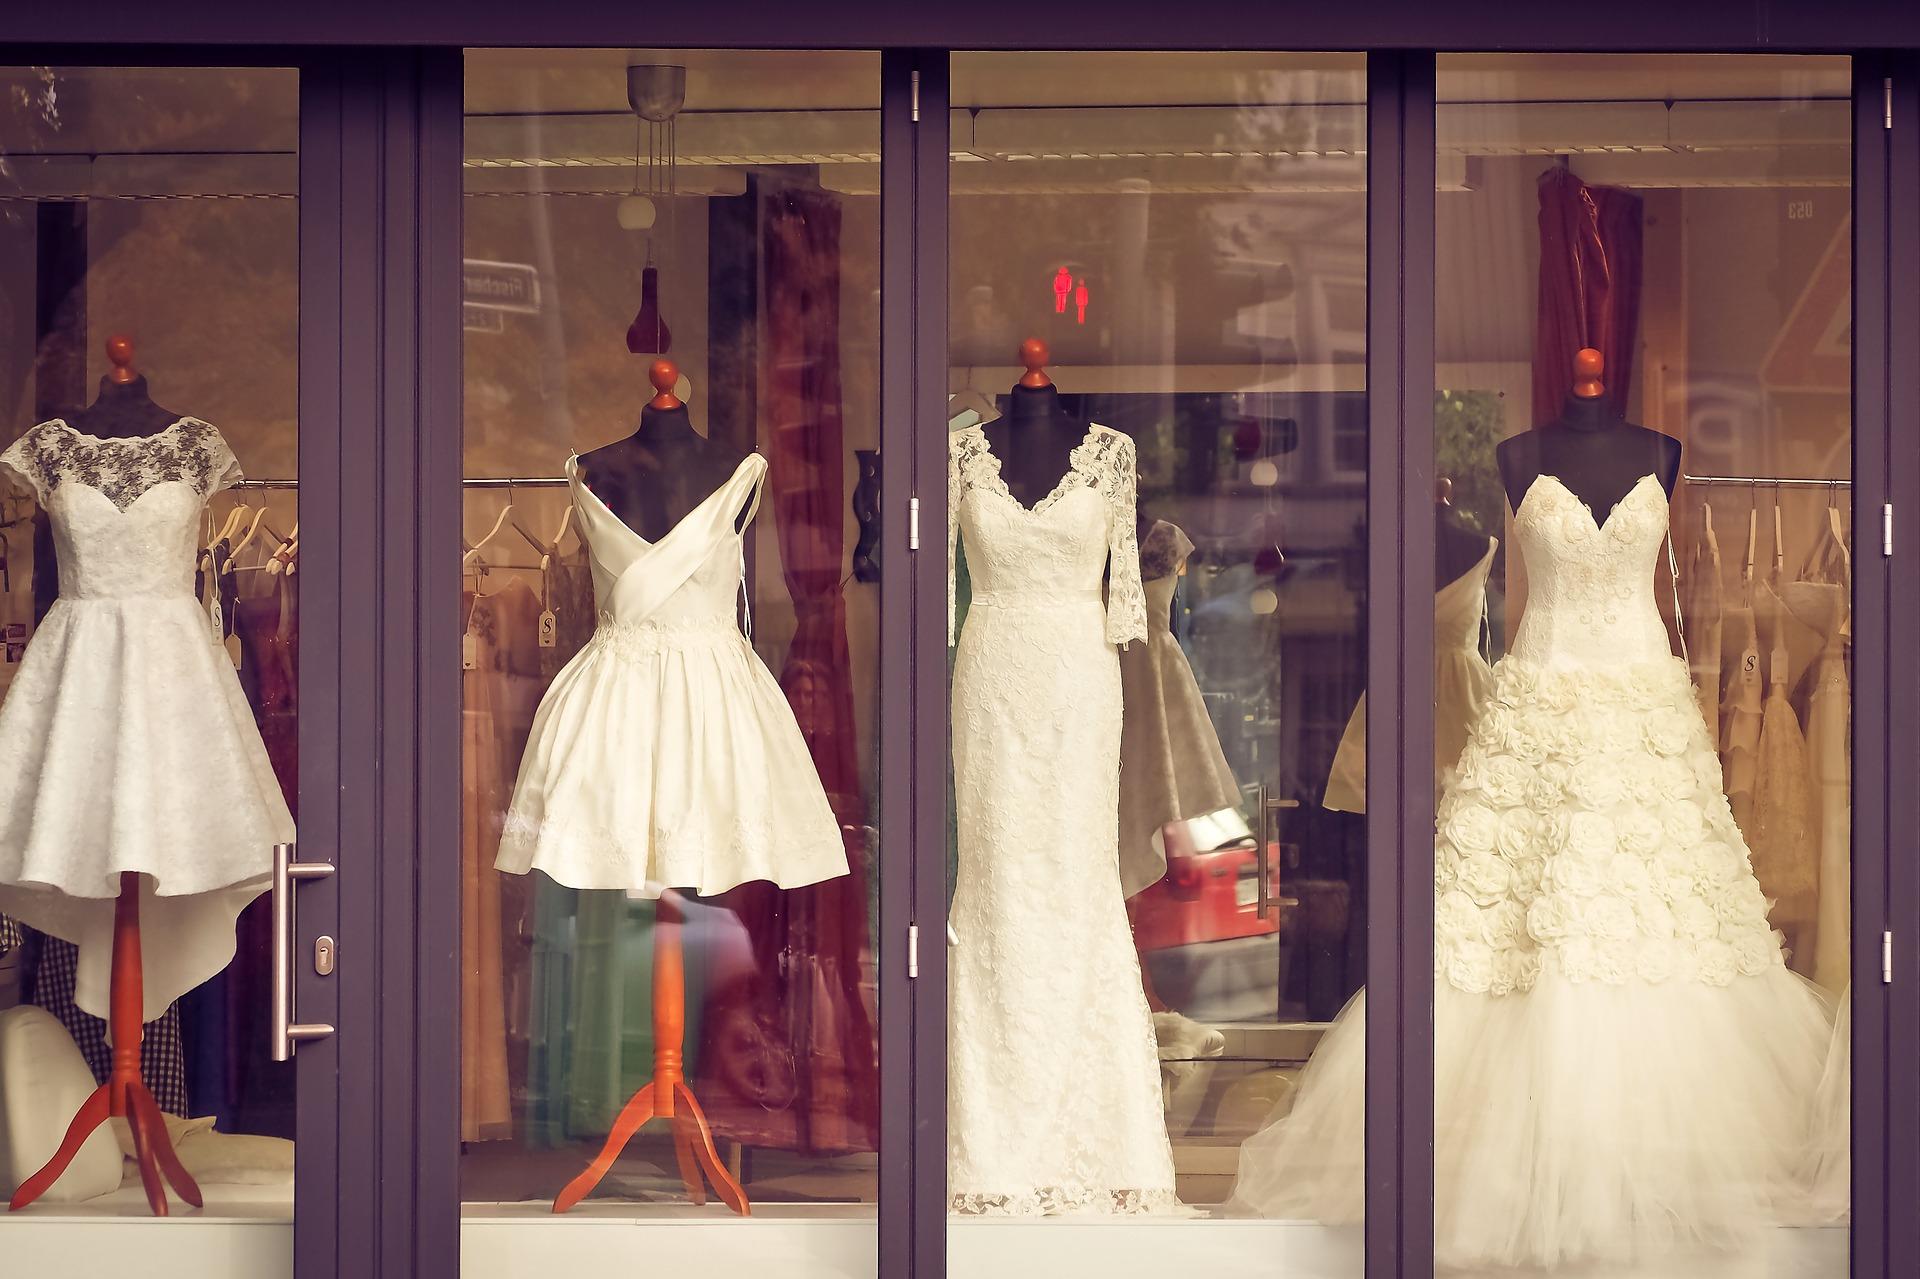 """婚纱可以有""""九条命""""!租赁、捐赠、转卖等成为婚纱行业新热点"""